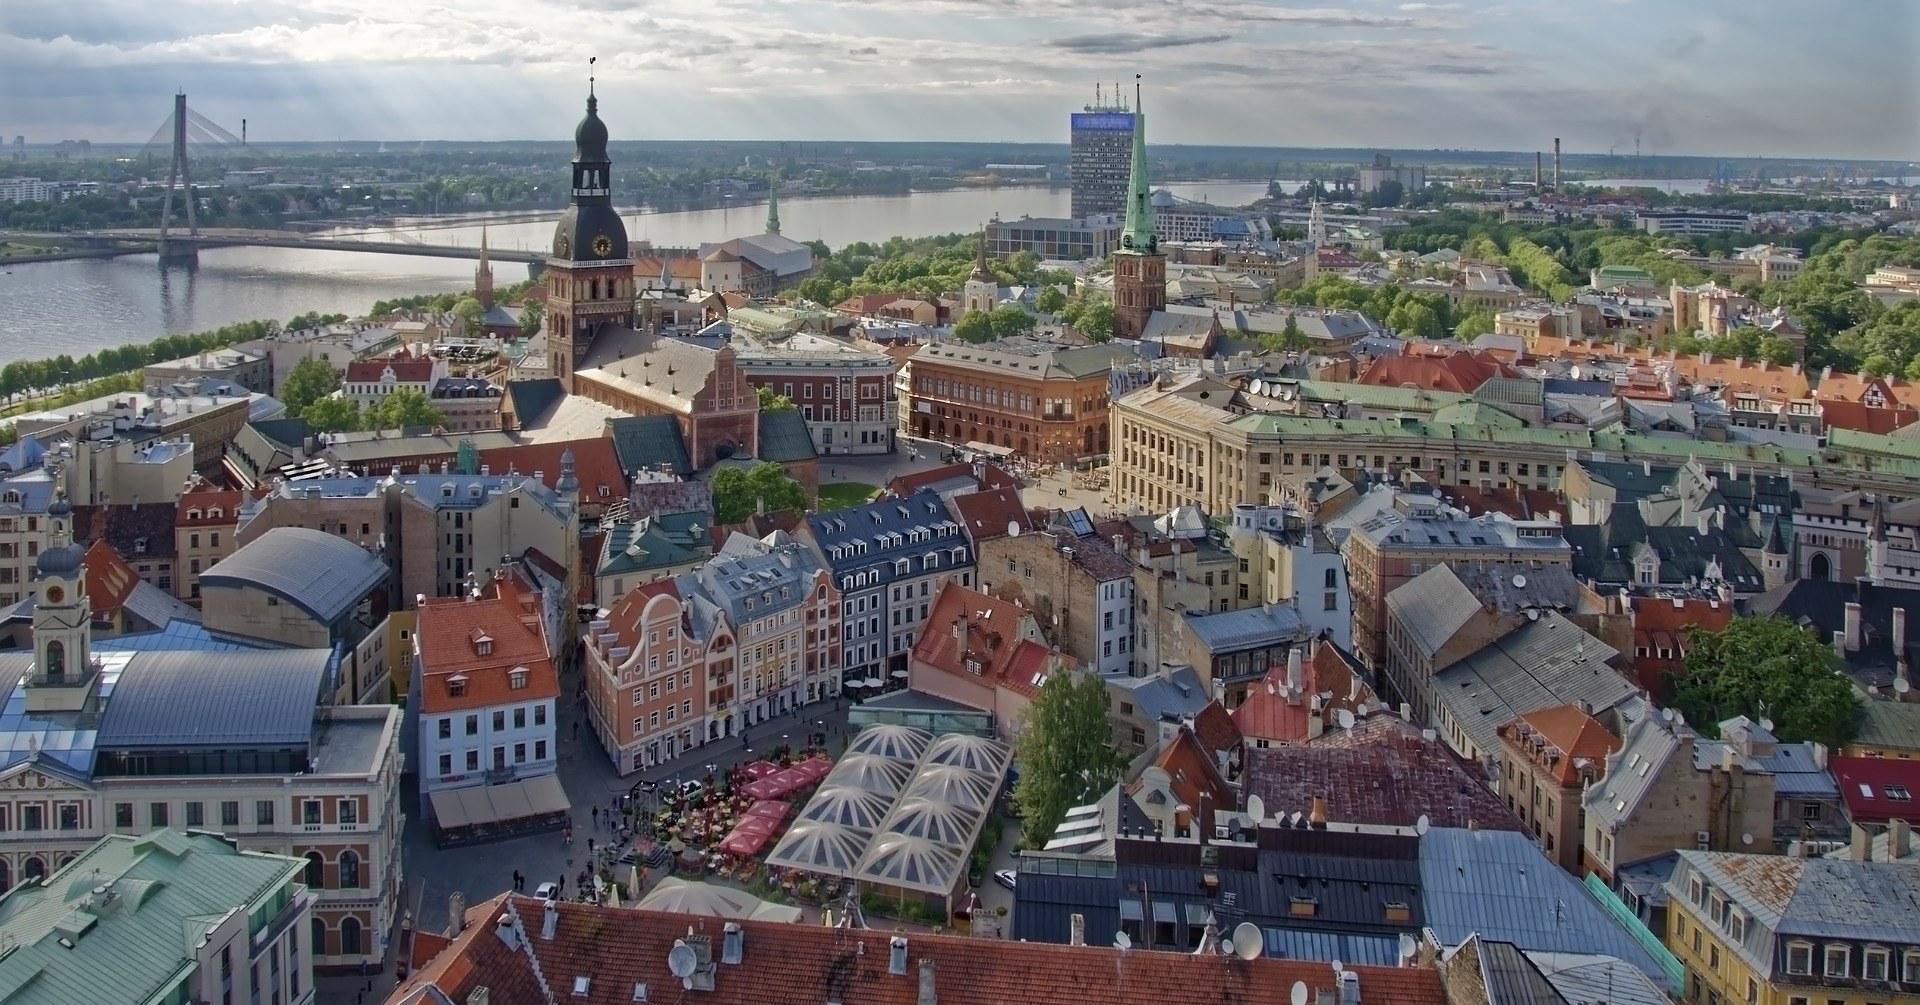 Kāpēc cilvēki vairs nevēlas dzīvot Rīgas centrā?